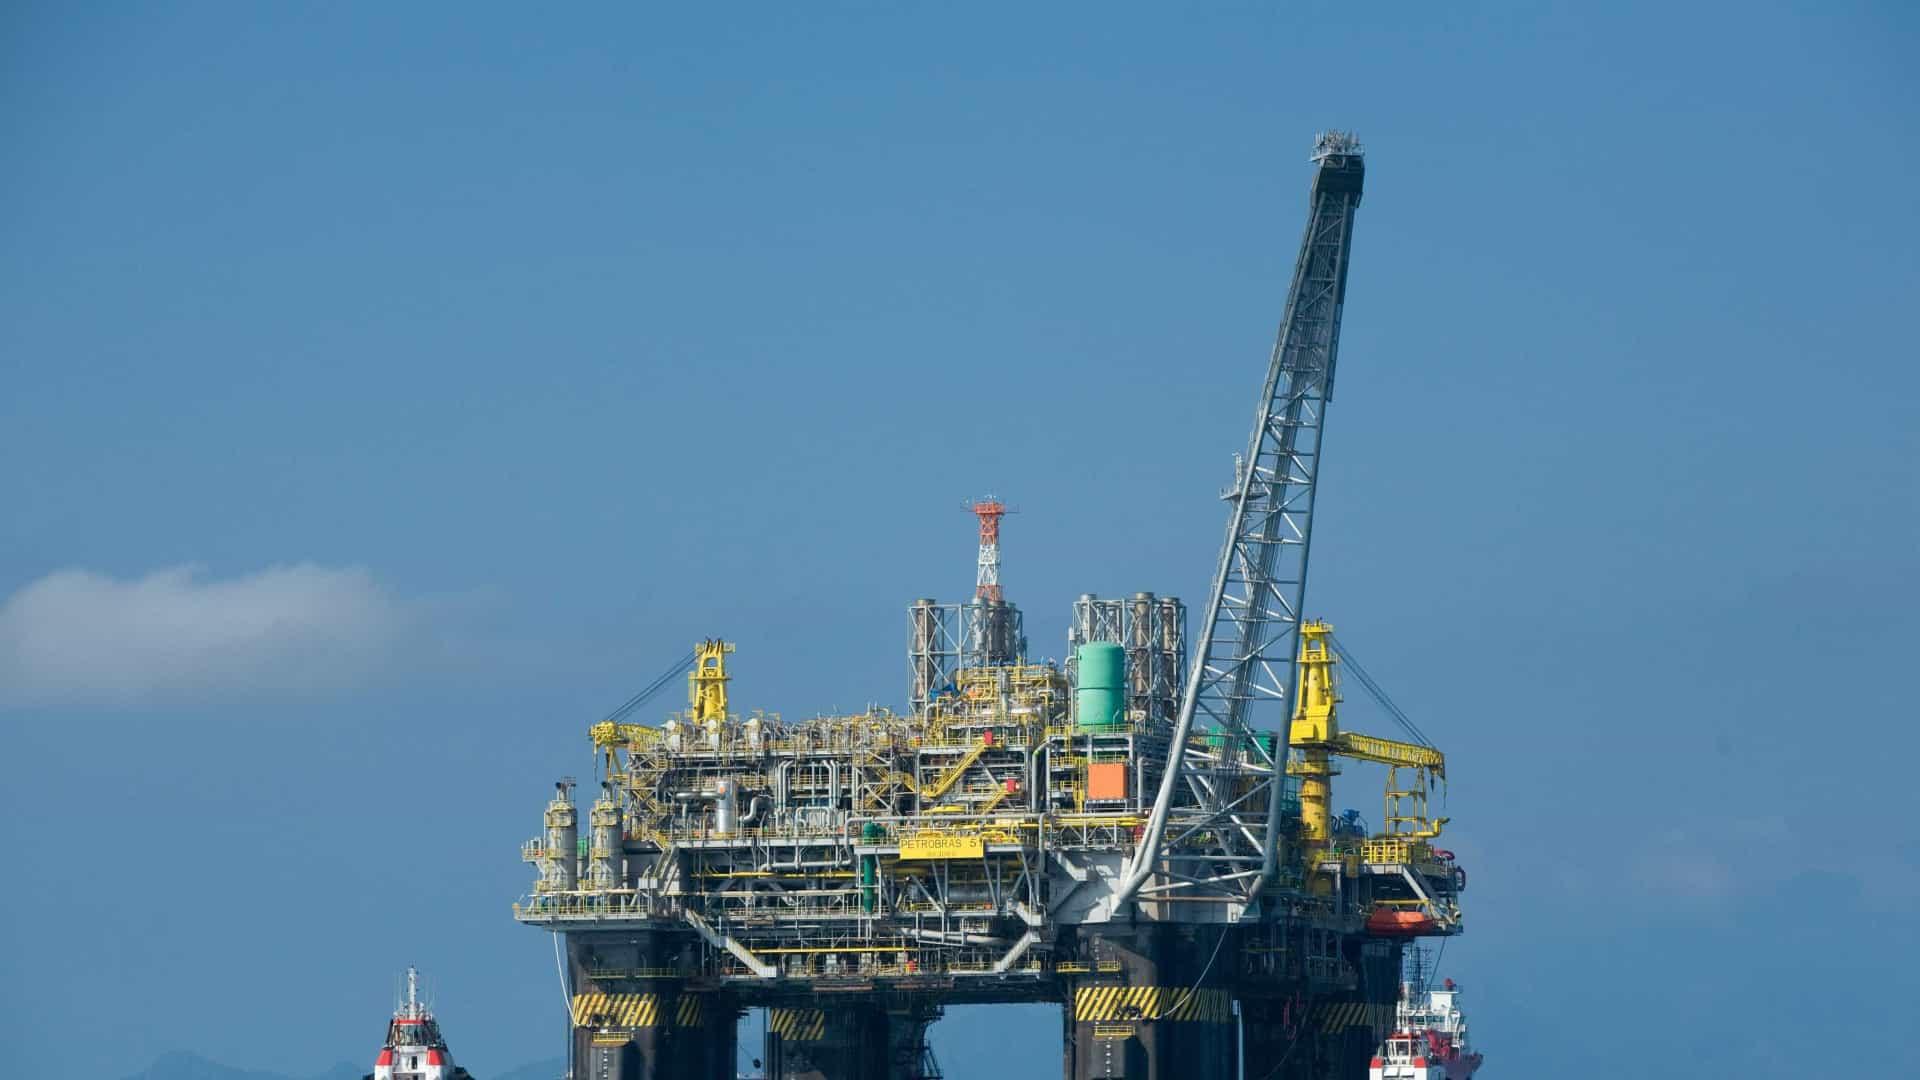 naom 5a5dccc21eda2 - Governo espera R$ 106 bi com leilão de petróleo marcado para outubro